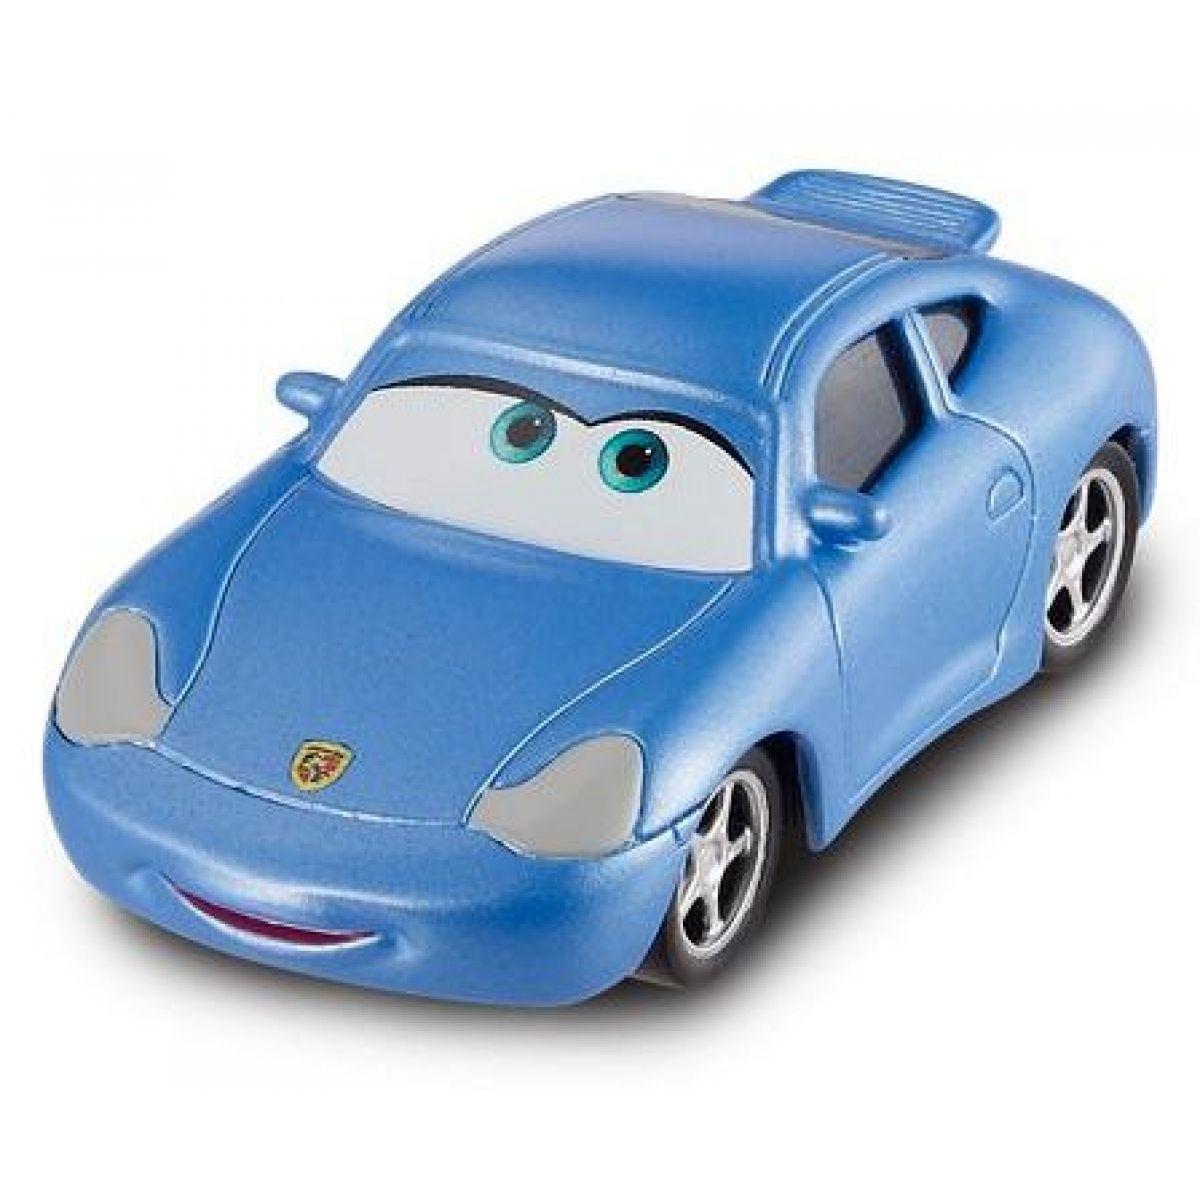 Mattel Cars Auta - Sally